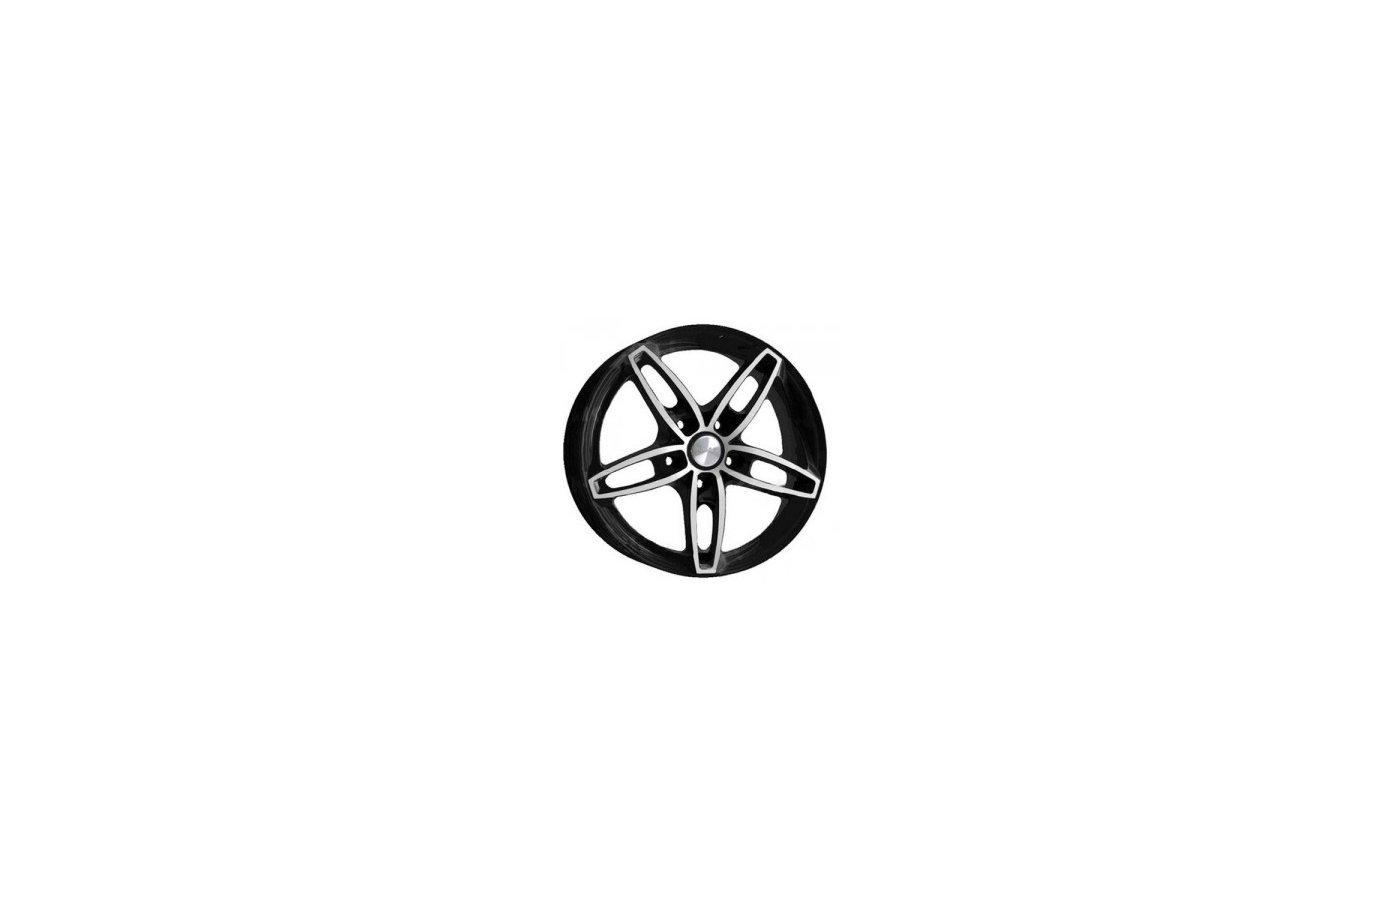 Диск Скад Турин 6.5x16/5x114.3 D66.1 ET50 Алмаз